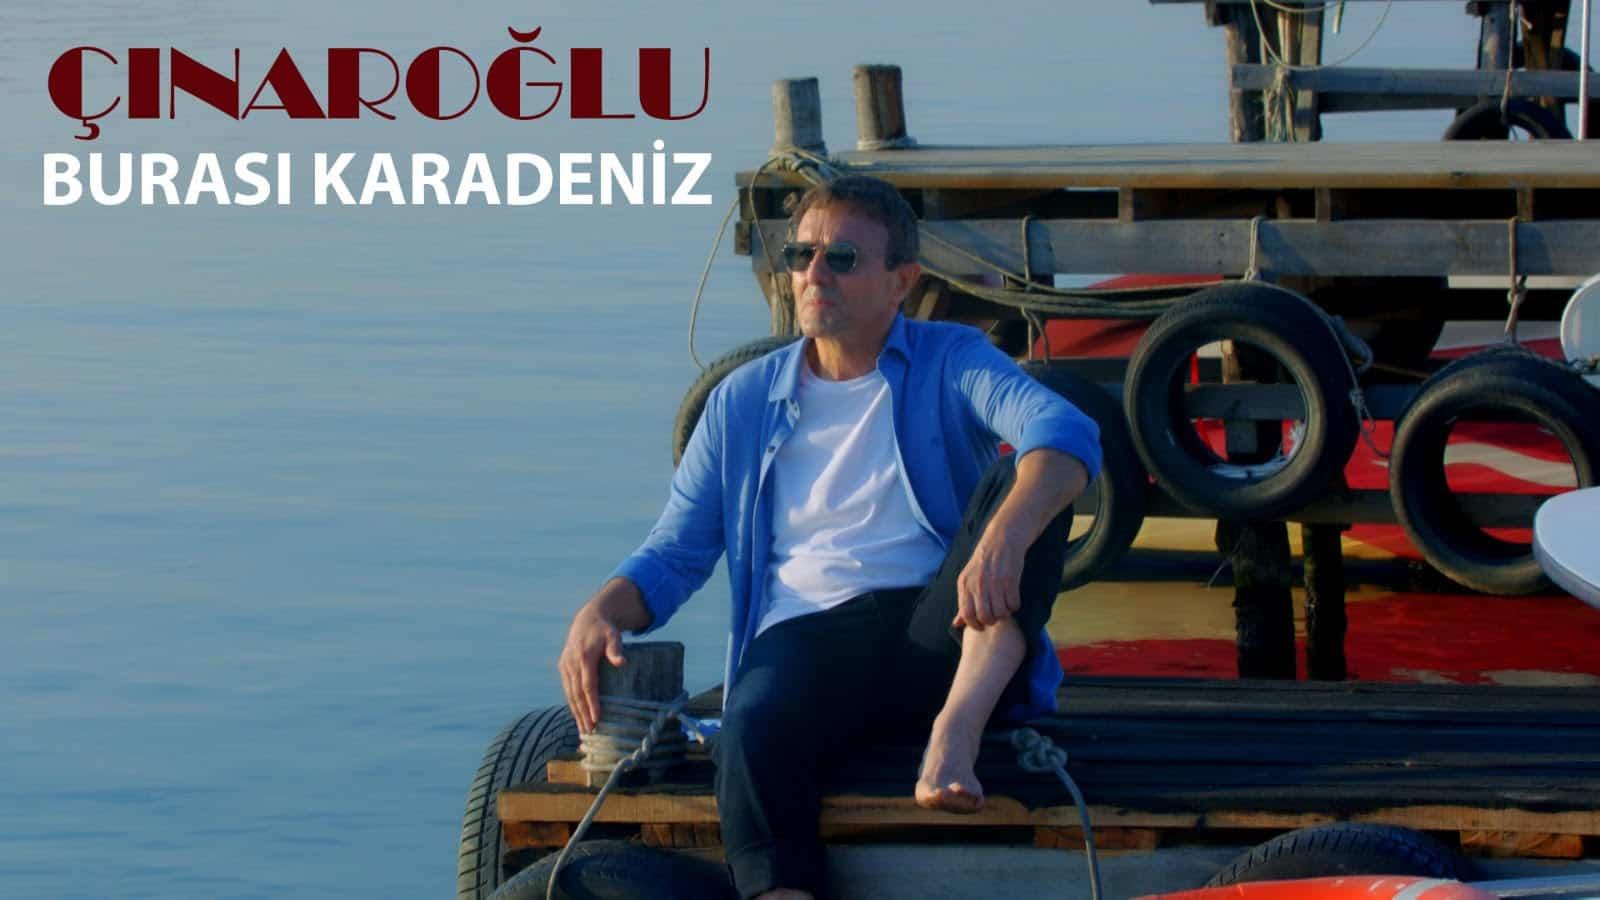 Dilinizden Düşmeyecek Bir Şarkı 'Burası Karadeniz' Geliyor!.